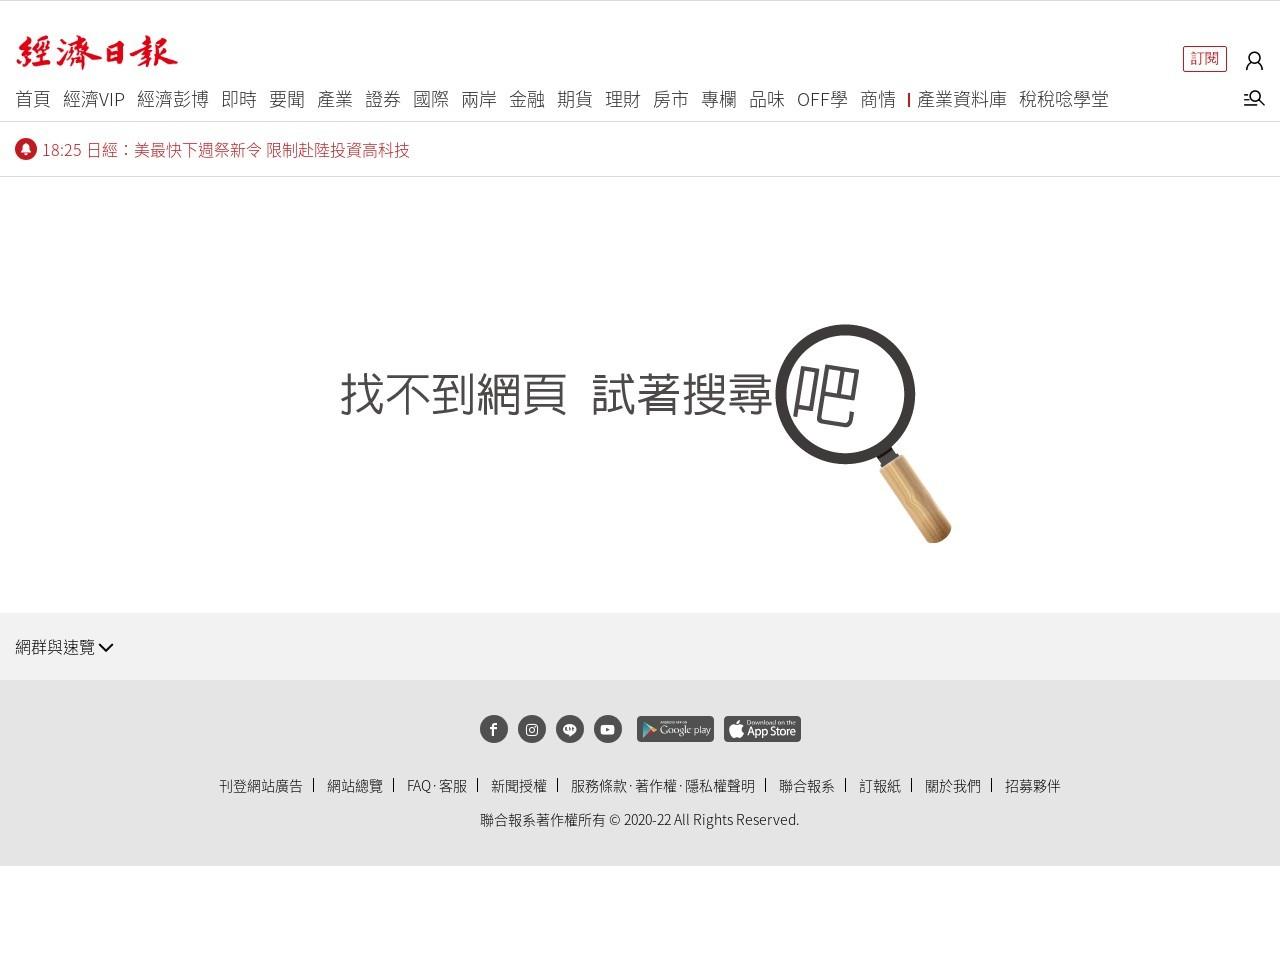 千萬獎金激勵教師! 萬能科大全國技能競賽北台灣大學之冠